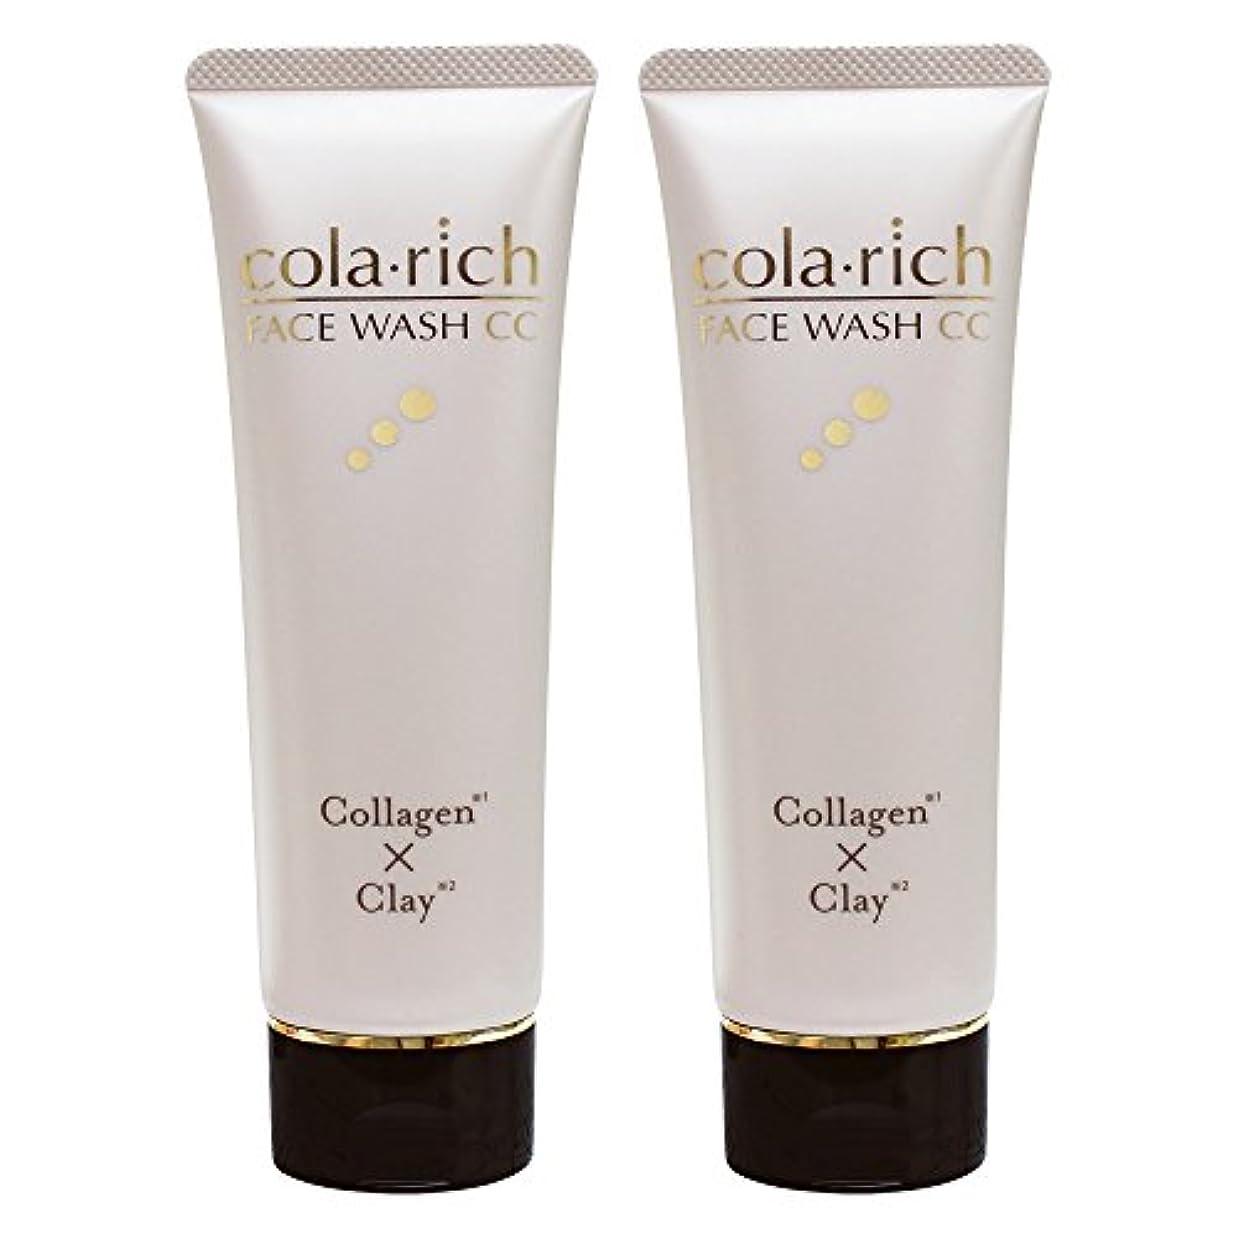 増幅する受動的本質的ではないコラリッチ コラーゲン配合美容液洗顔2本まとめ買い/フェイスウォッシュCC(1本120g 約1カ月分)キューサイ